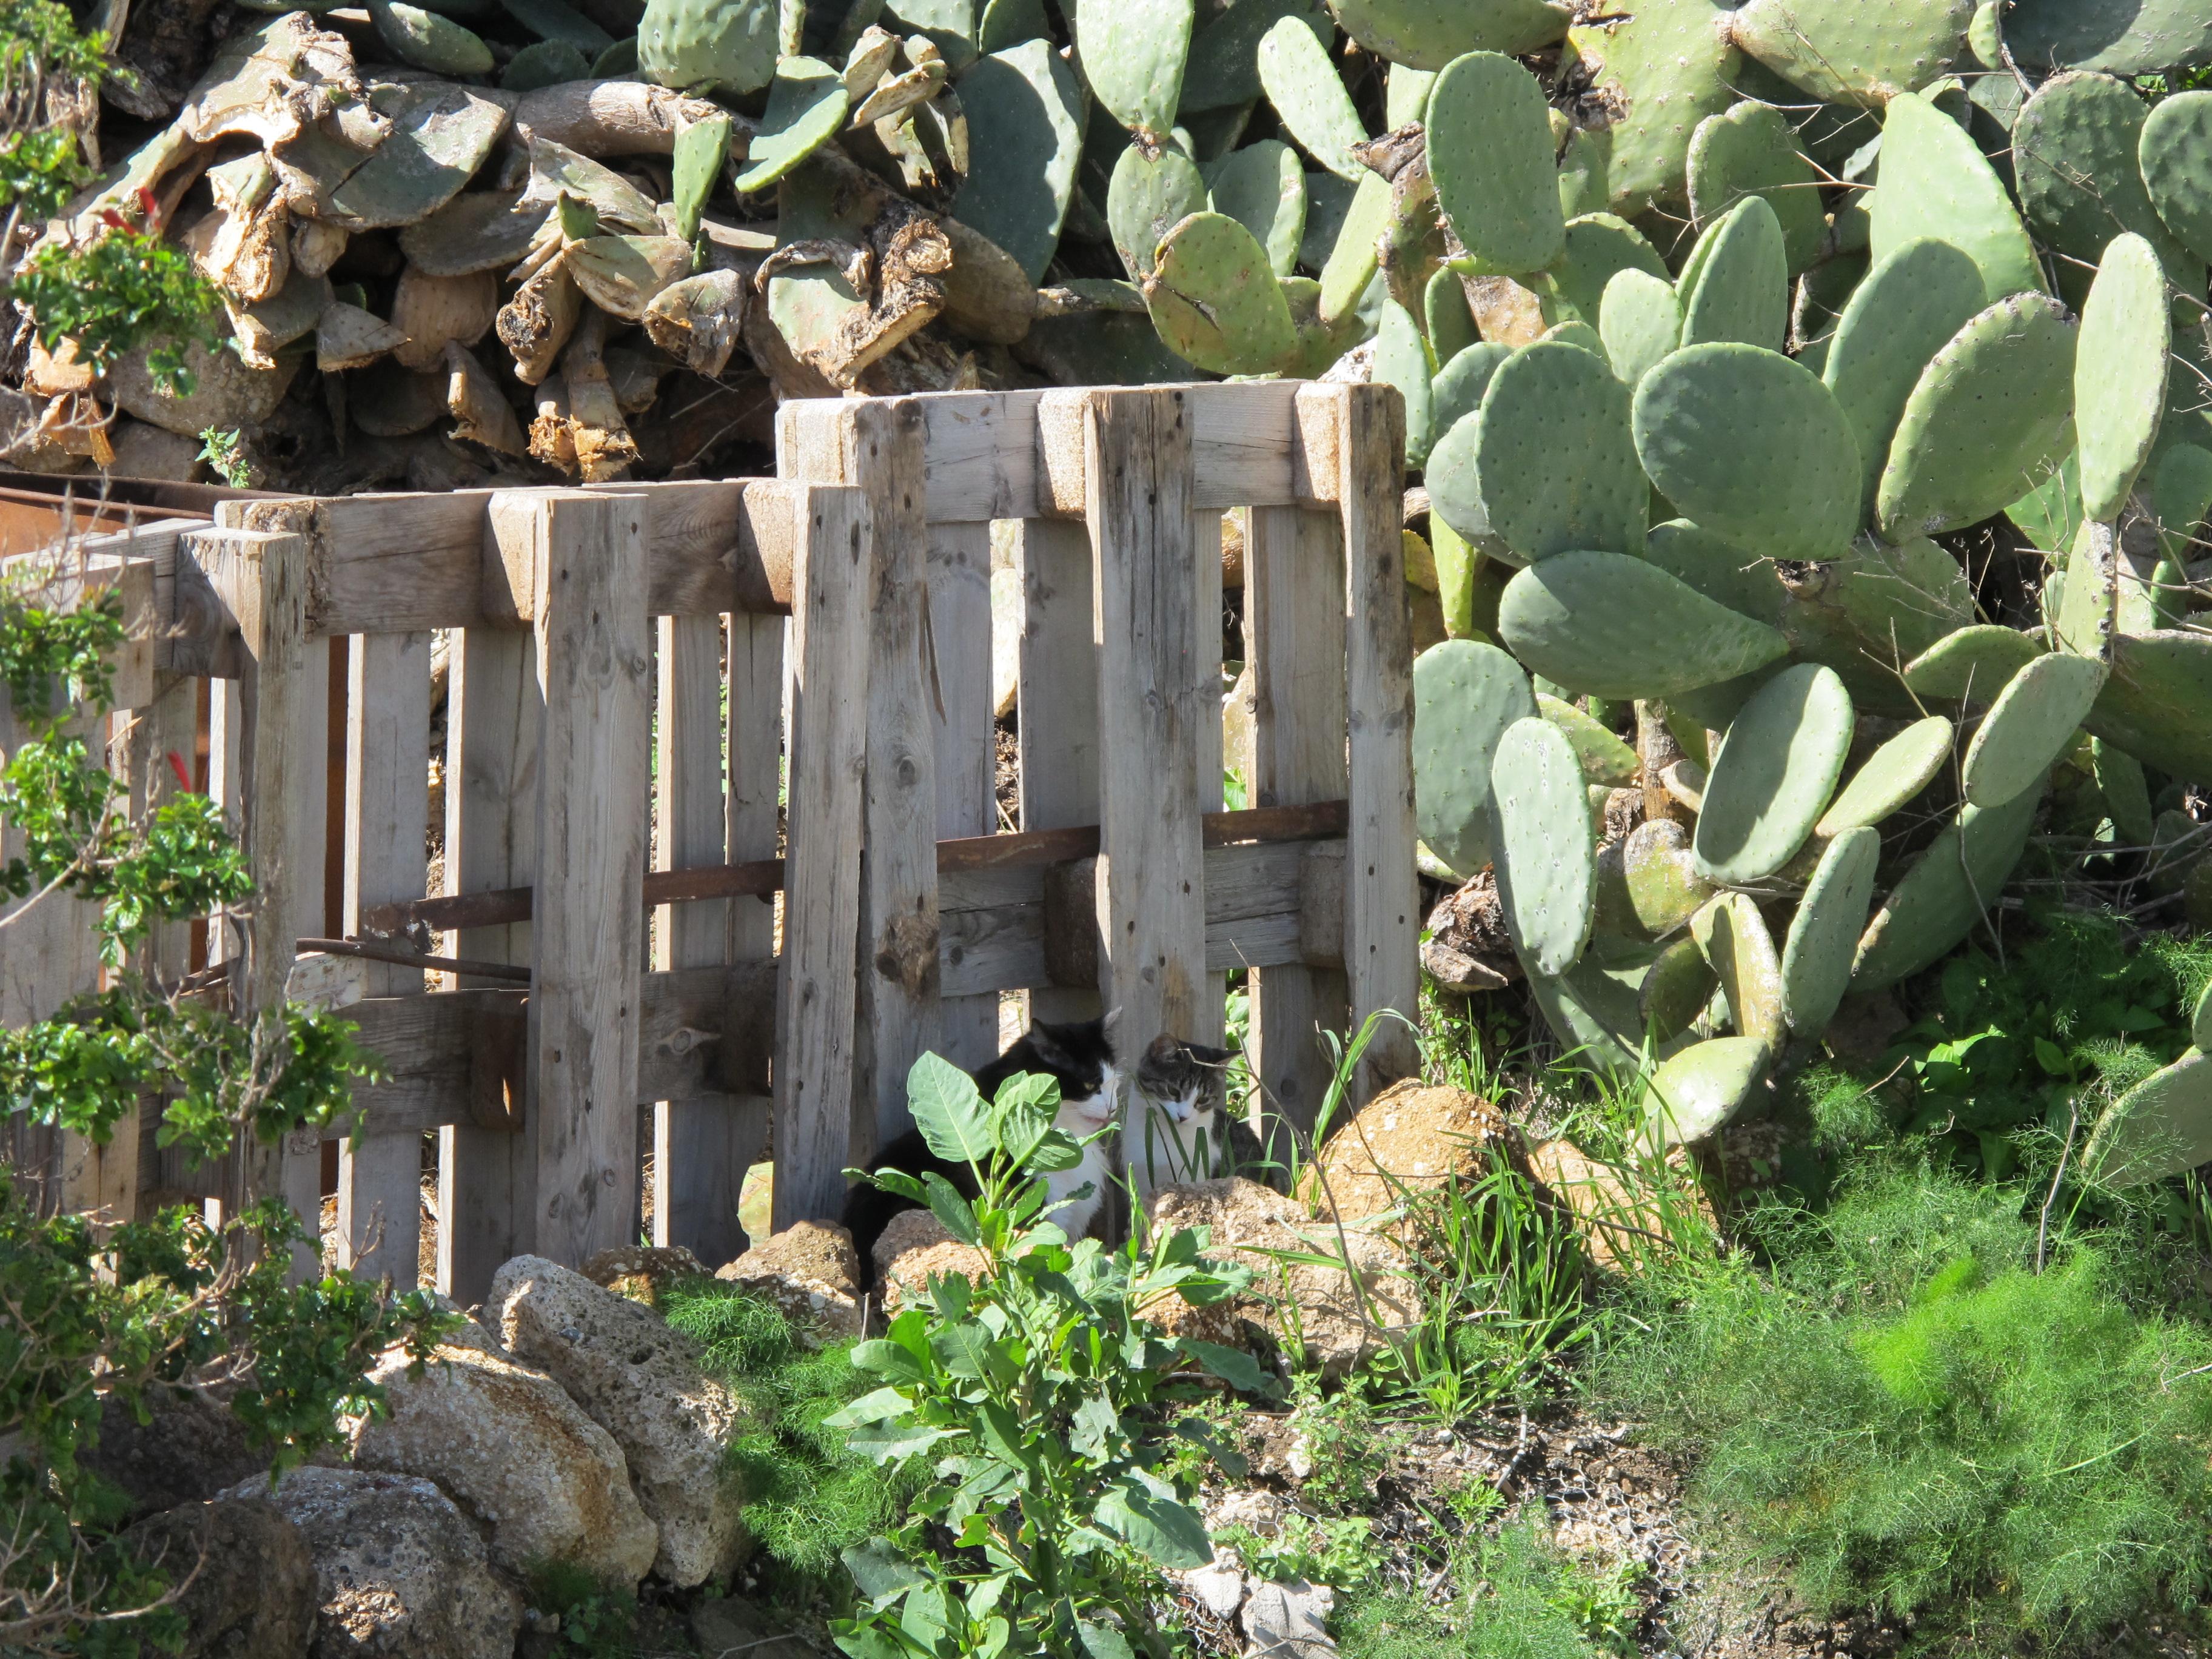 Vallas de madera baratas como cercar jardines modernos de - Vallas jardin baratas ...